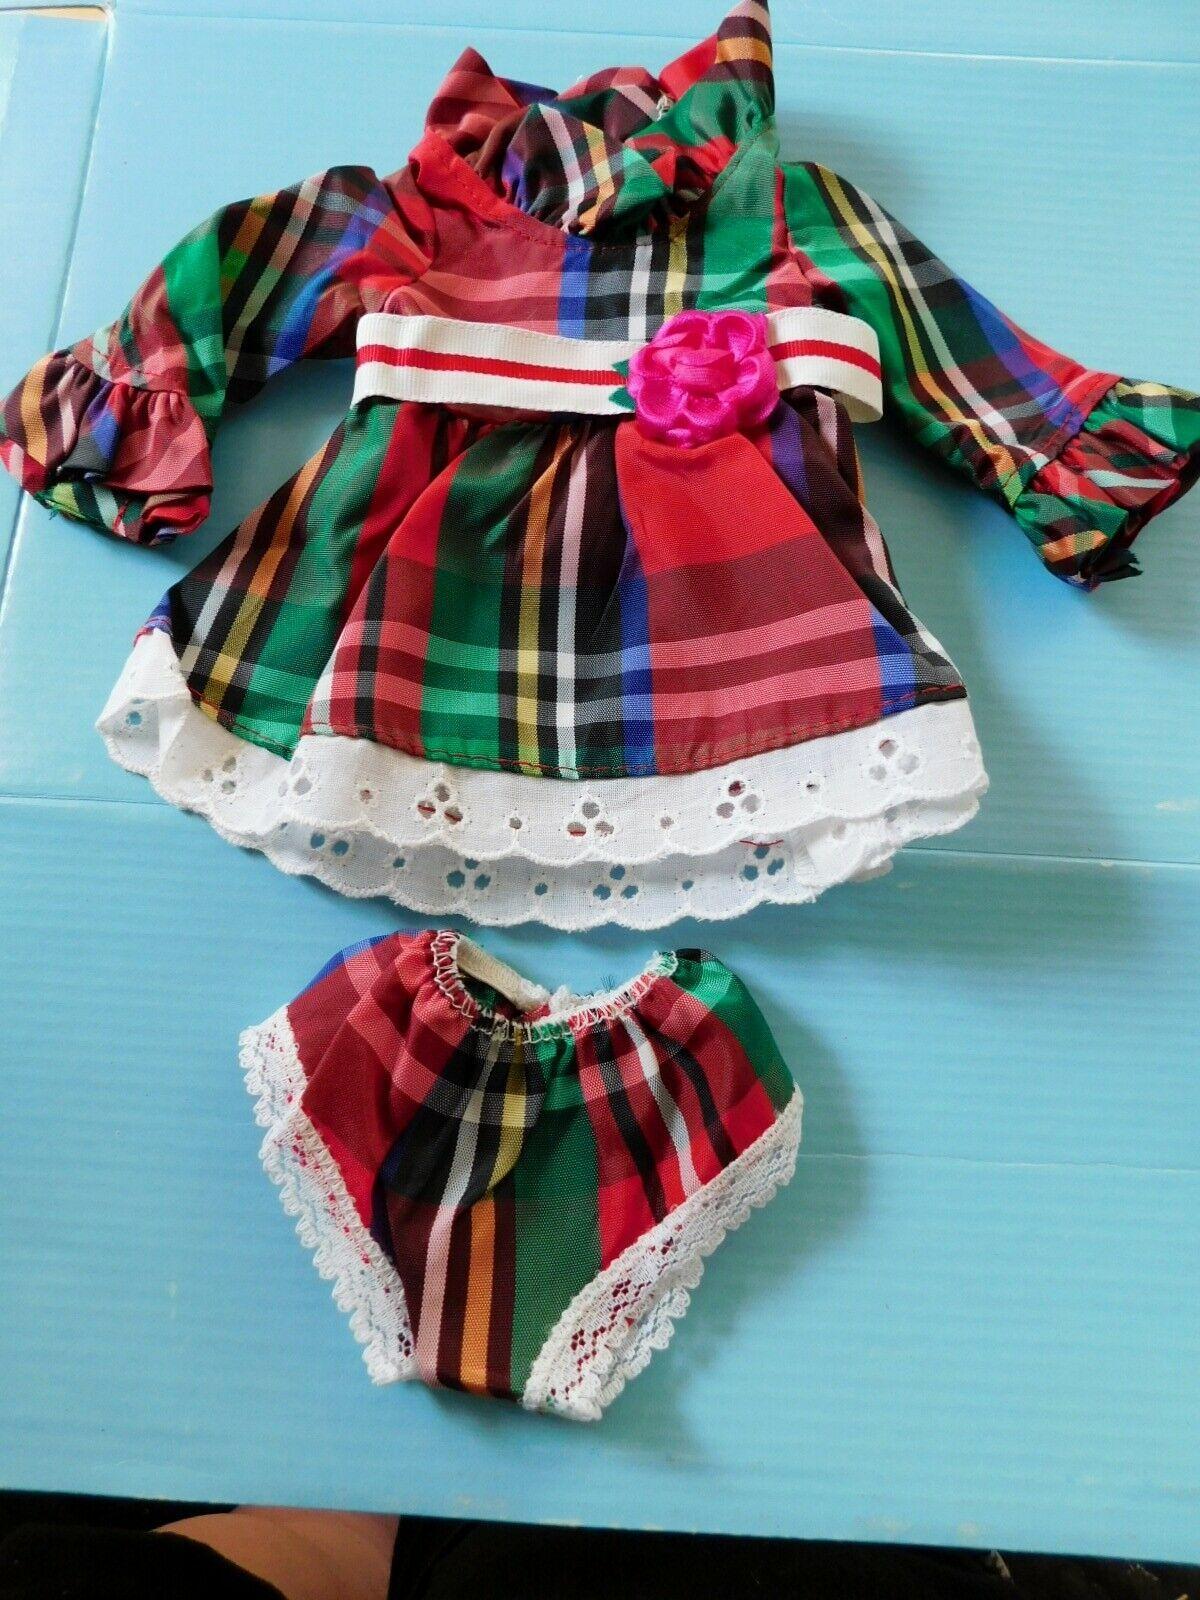 1970 IDEAL VELVET LOOK AROUND PLAID DRESS & PANTIES Crisp Factory Overstock MIP  - $21.78